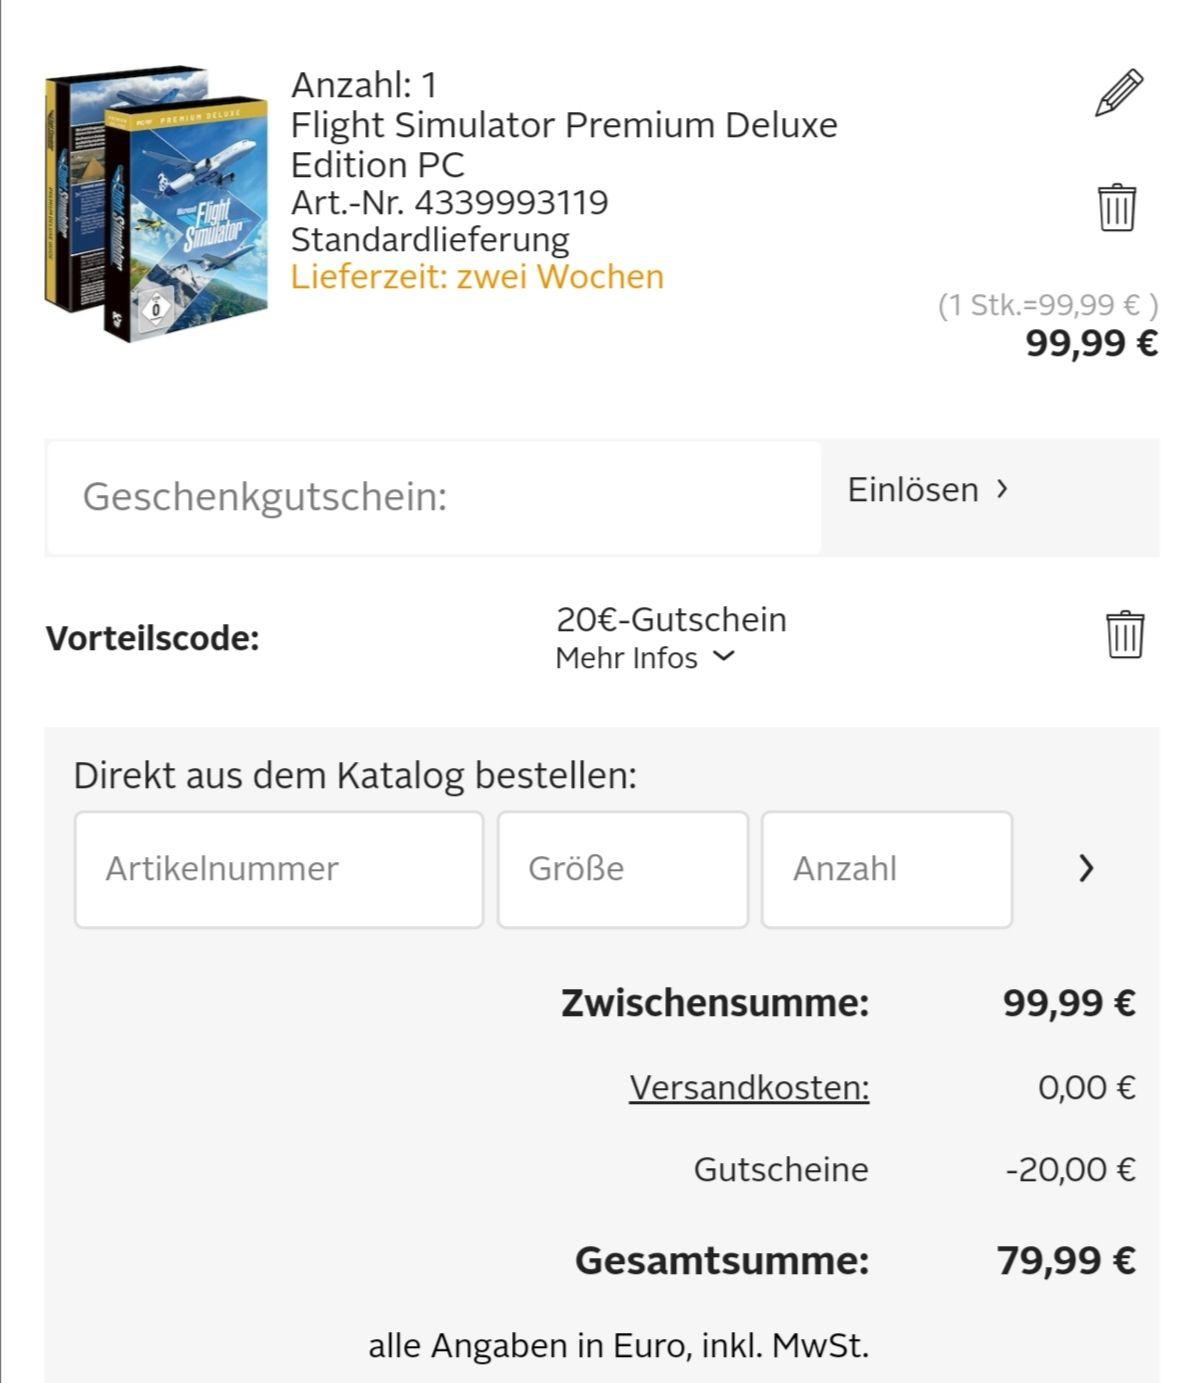 Microsoft Flight Simulator 2020 - Premium Deluxe Edition (PC)